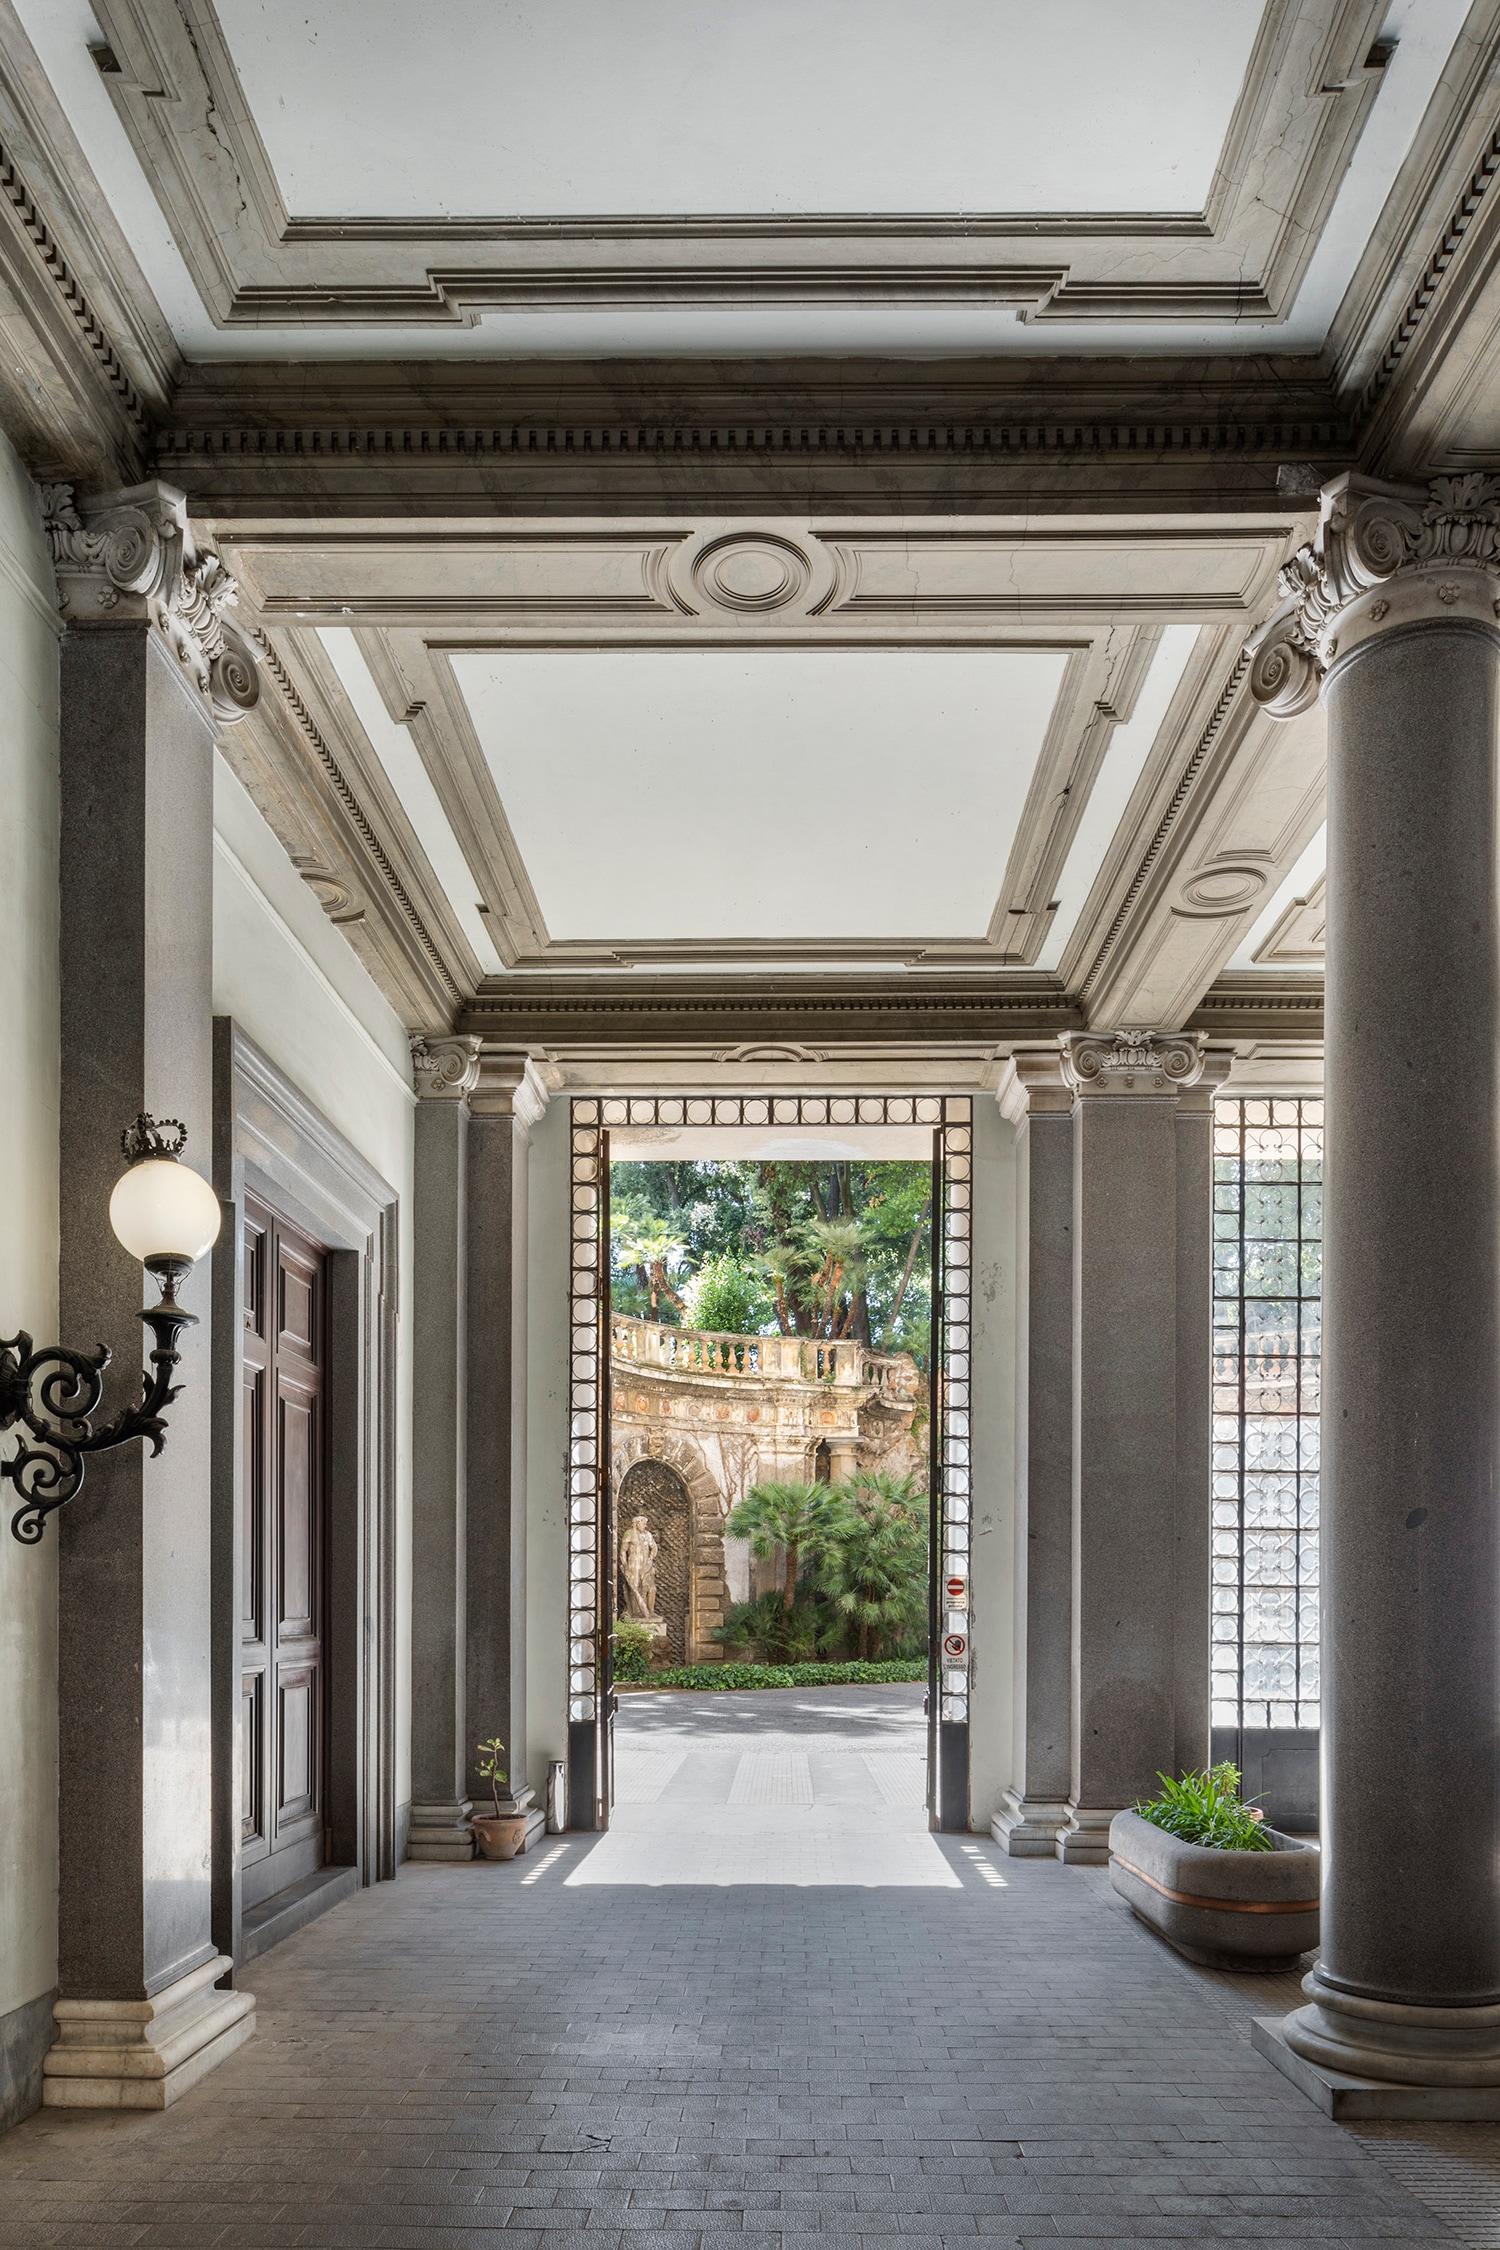 Contemporary Cluster, dentro la galleria romana che fa incontrare barocco e sperimentazione digitale